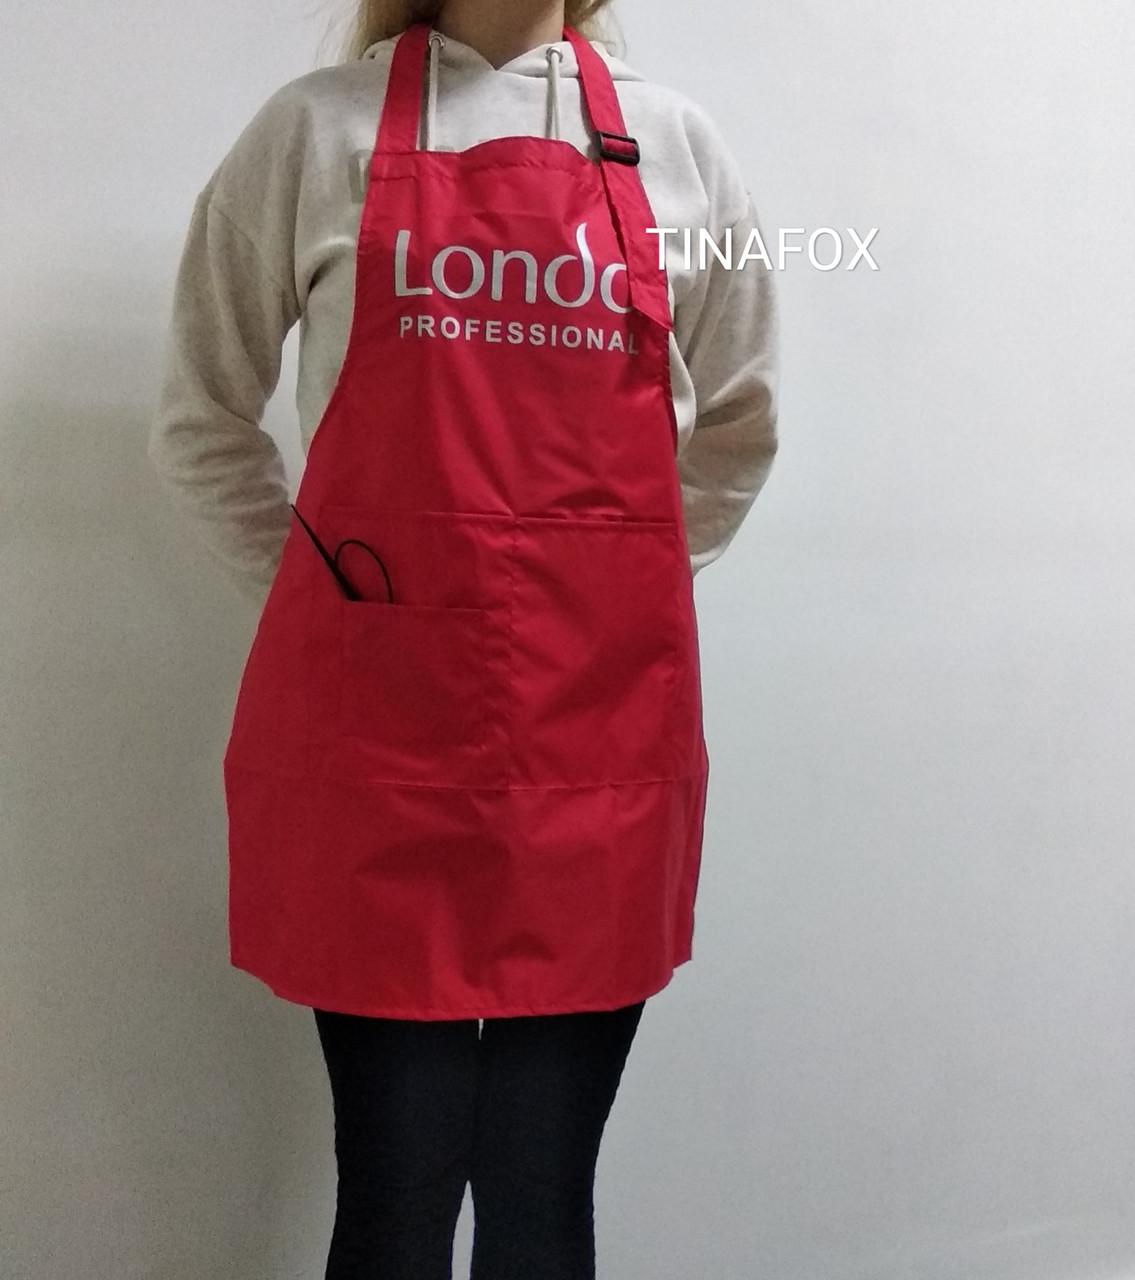 Фартук для мастера маникюра  плащевка Londa Professional, красный